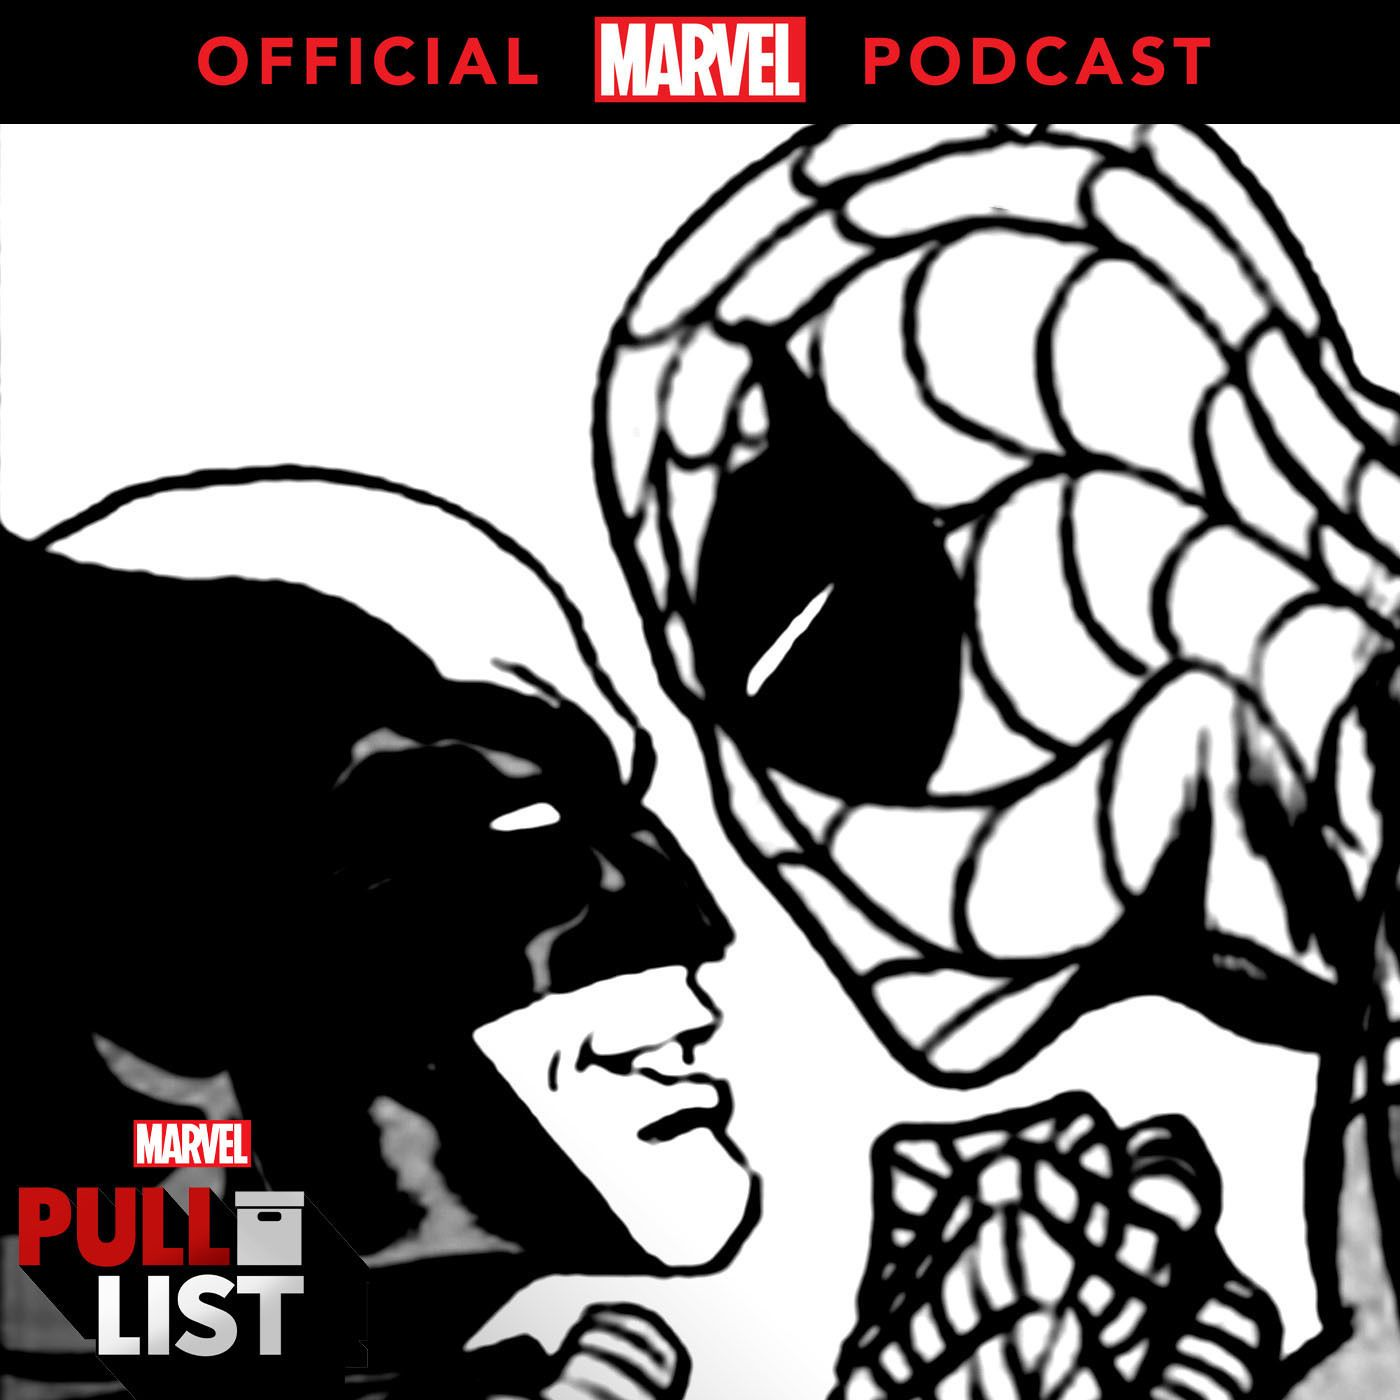 Spider-Man Versus Wolverine #1 w/ Christopher Priest